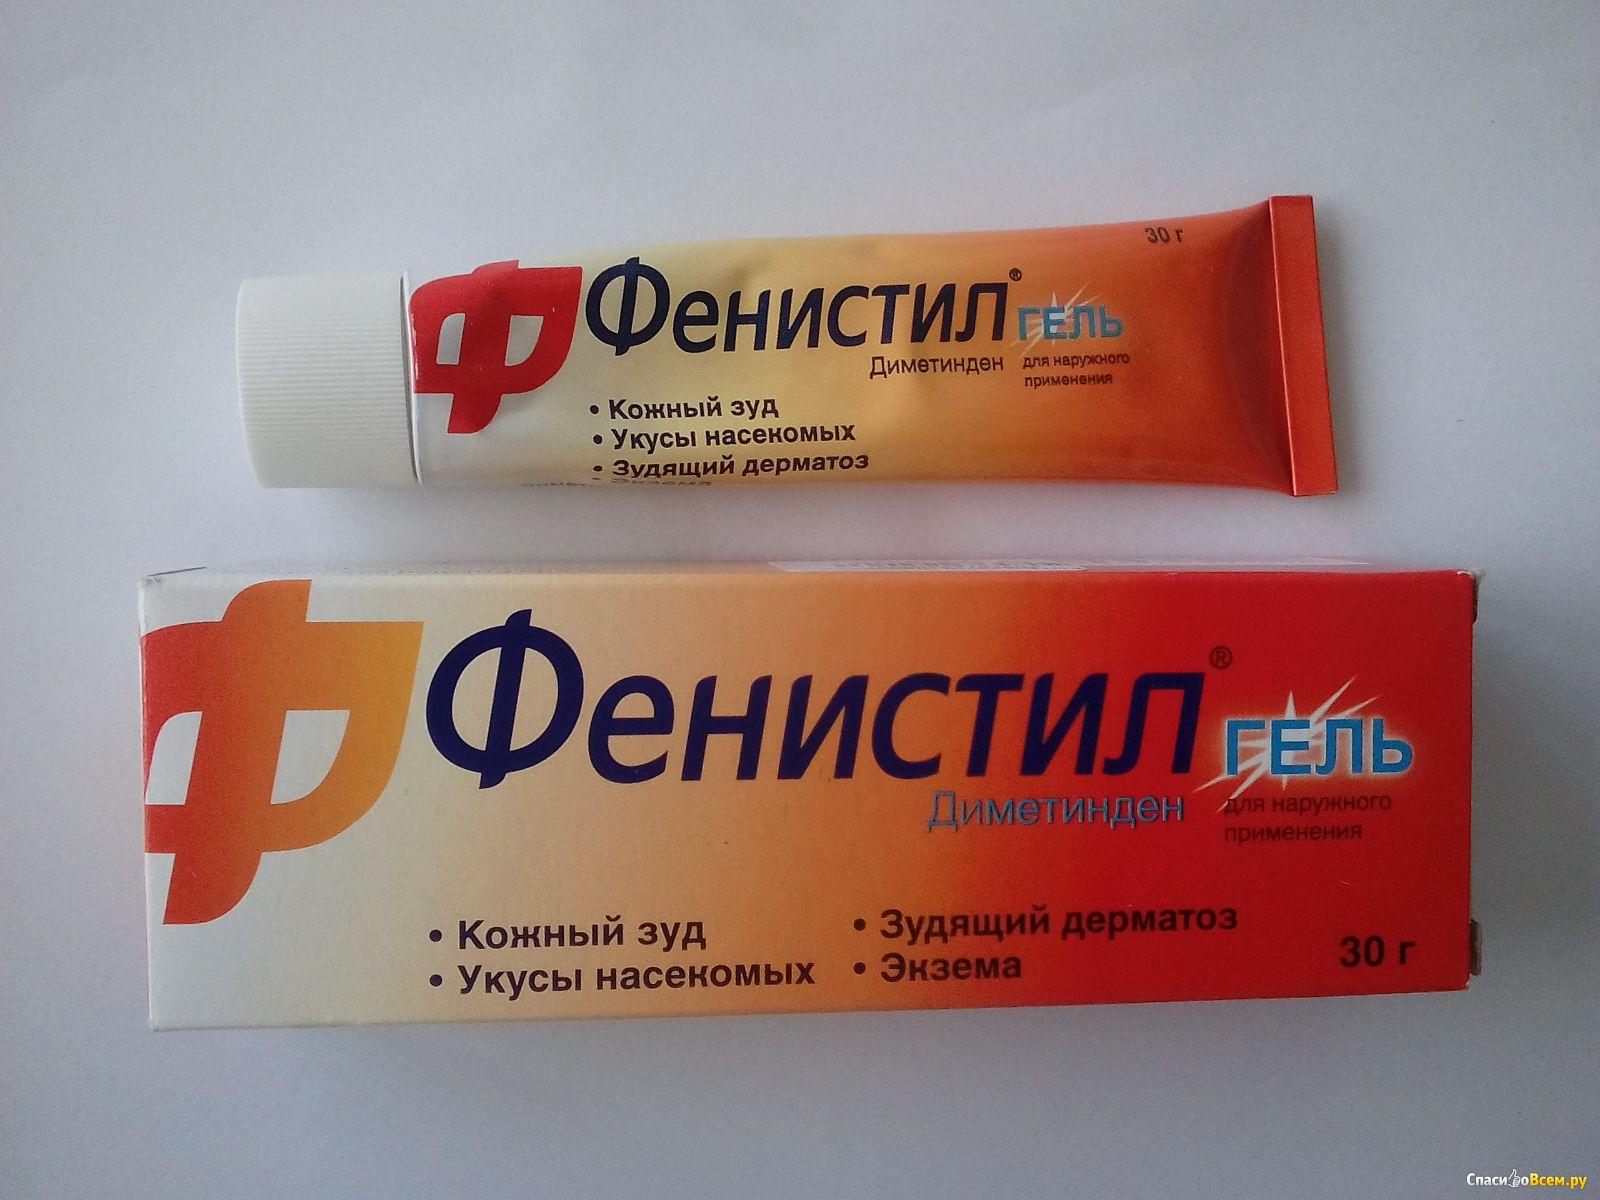 фенистил гель при аллергии при беременности